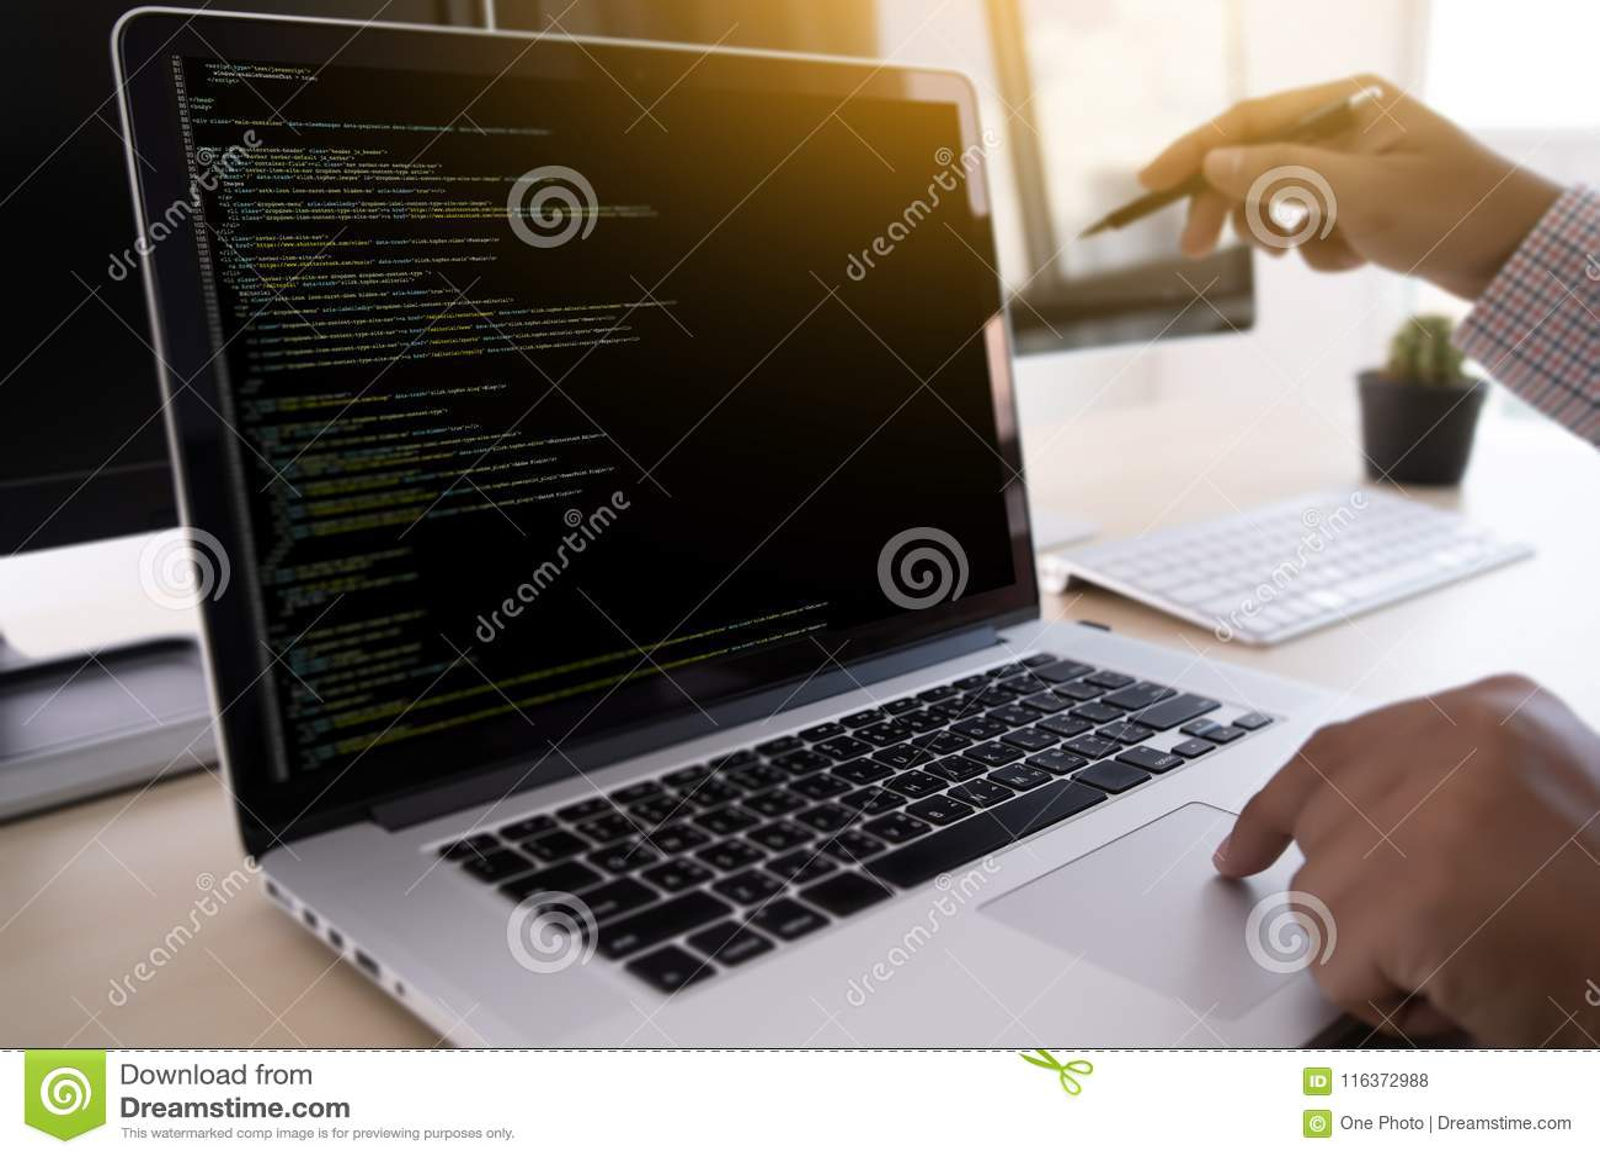 Programmiererarbeitendes sich entwickelndes Programmierungstechnologien Netz Desig